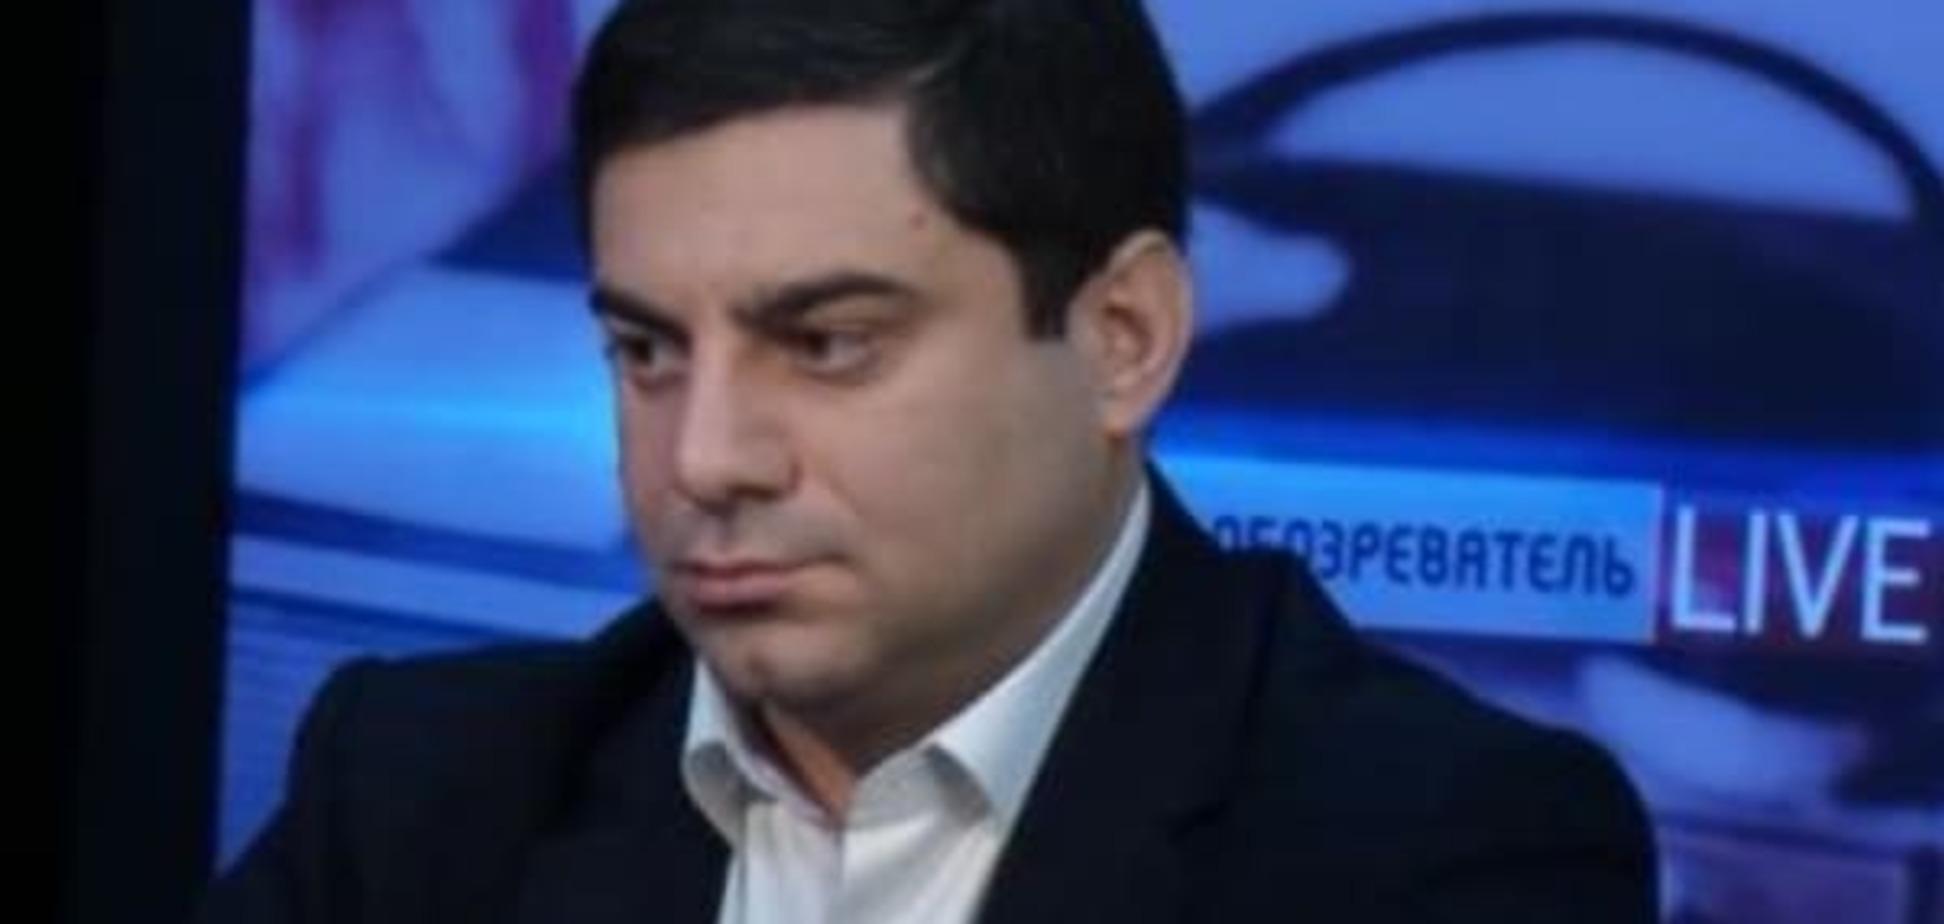 Дмитрий Лубинец: депутаты-драчуны позорят Раду и государство Украина